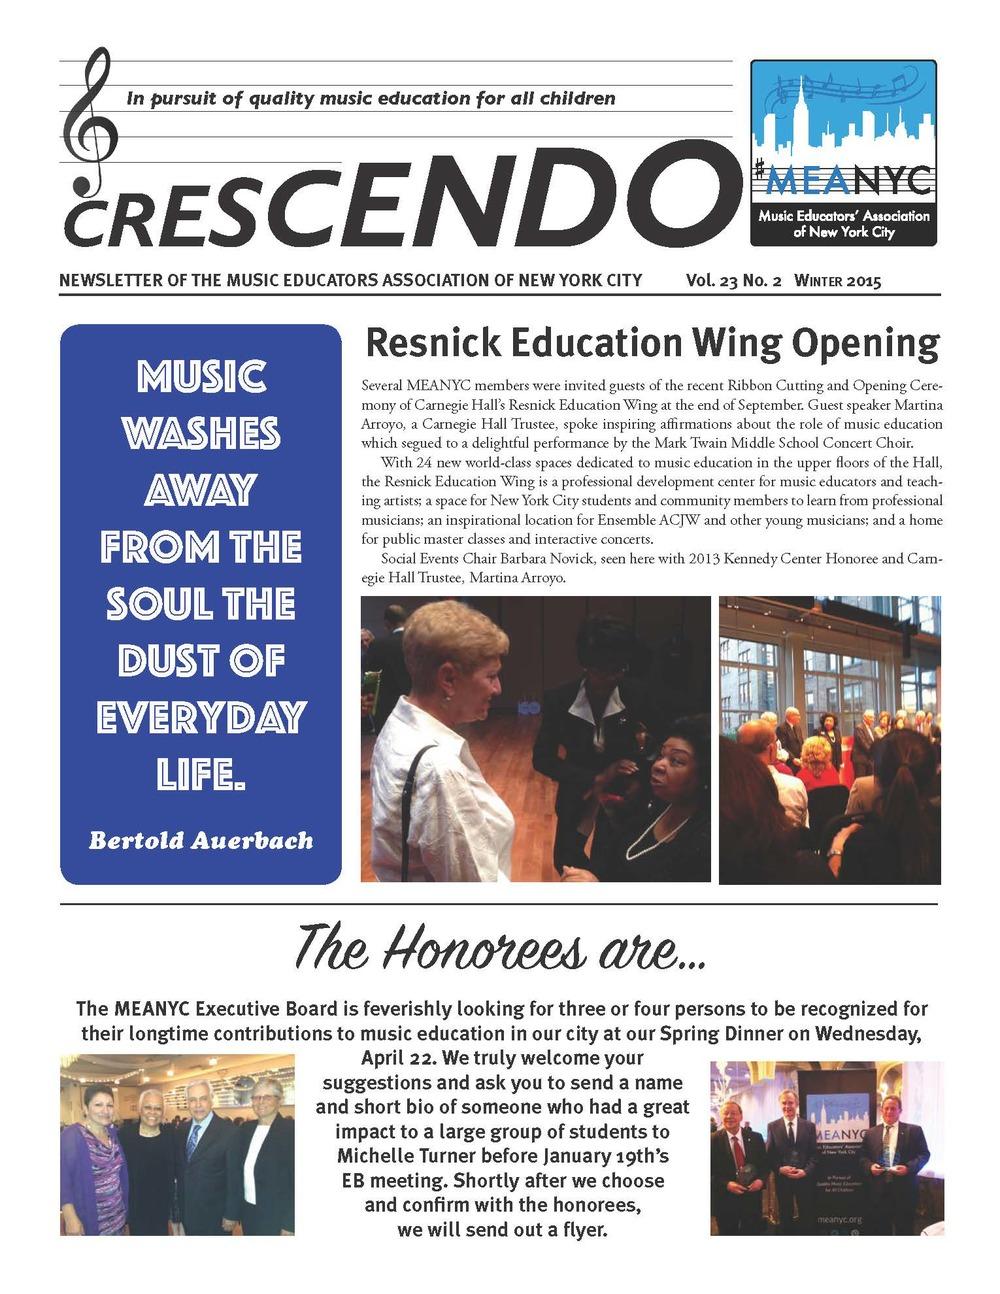 CrescendoSpring_2014image_Page_01.jpg